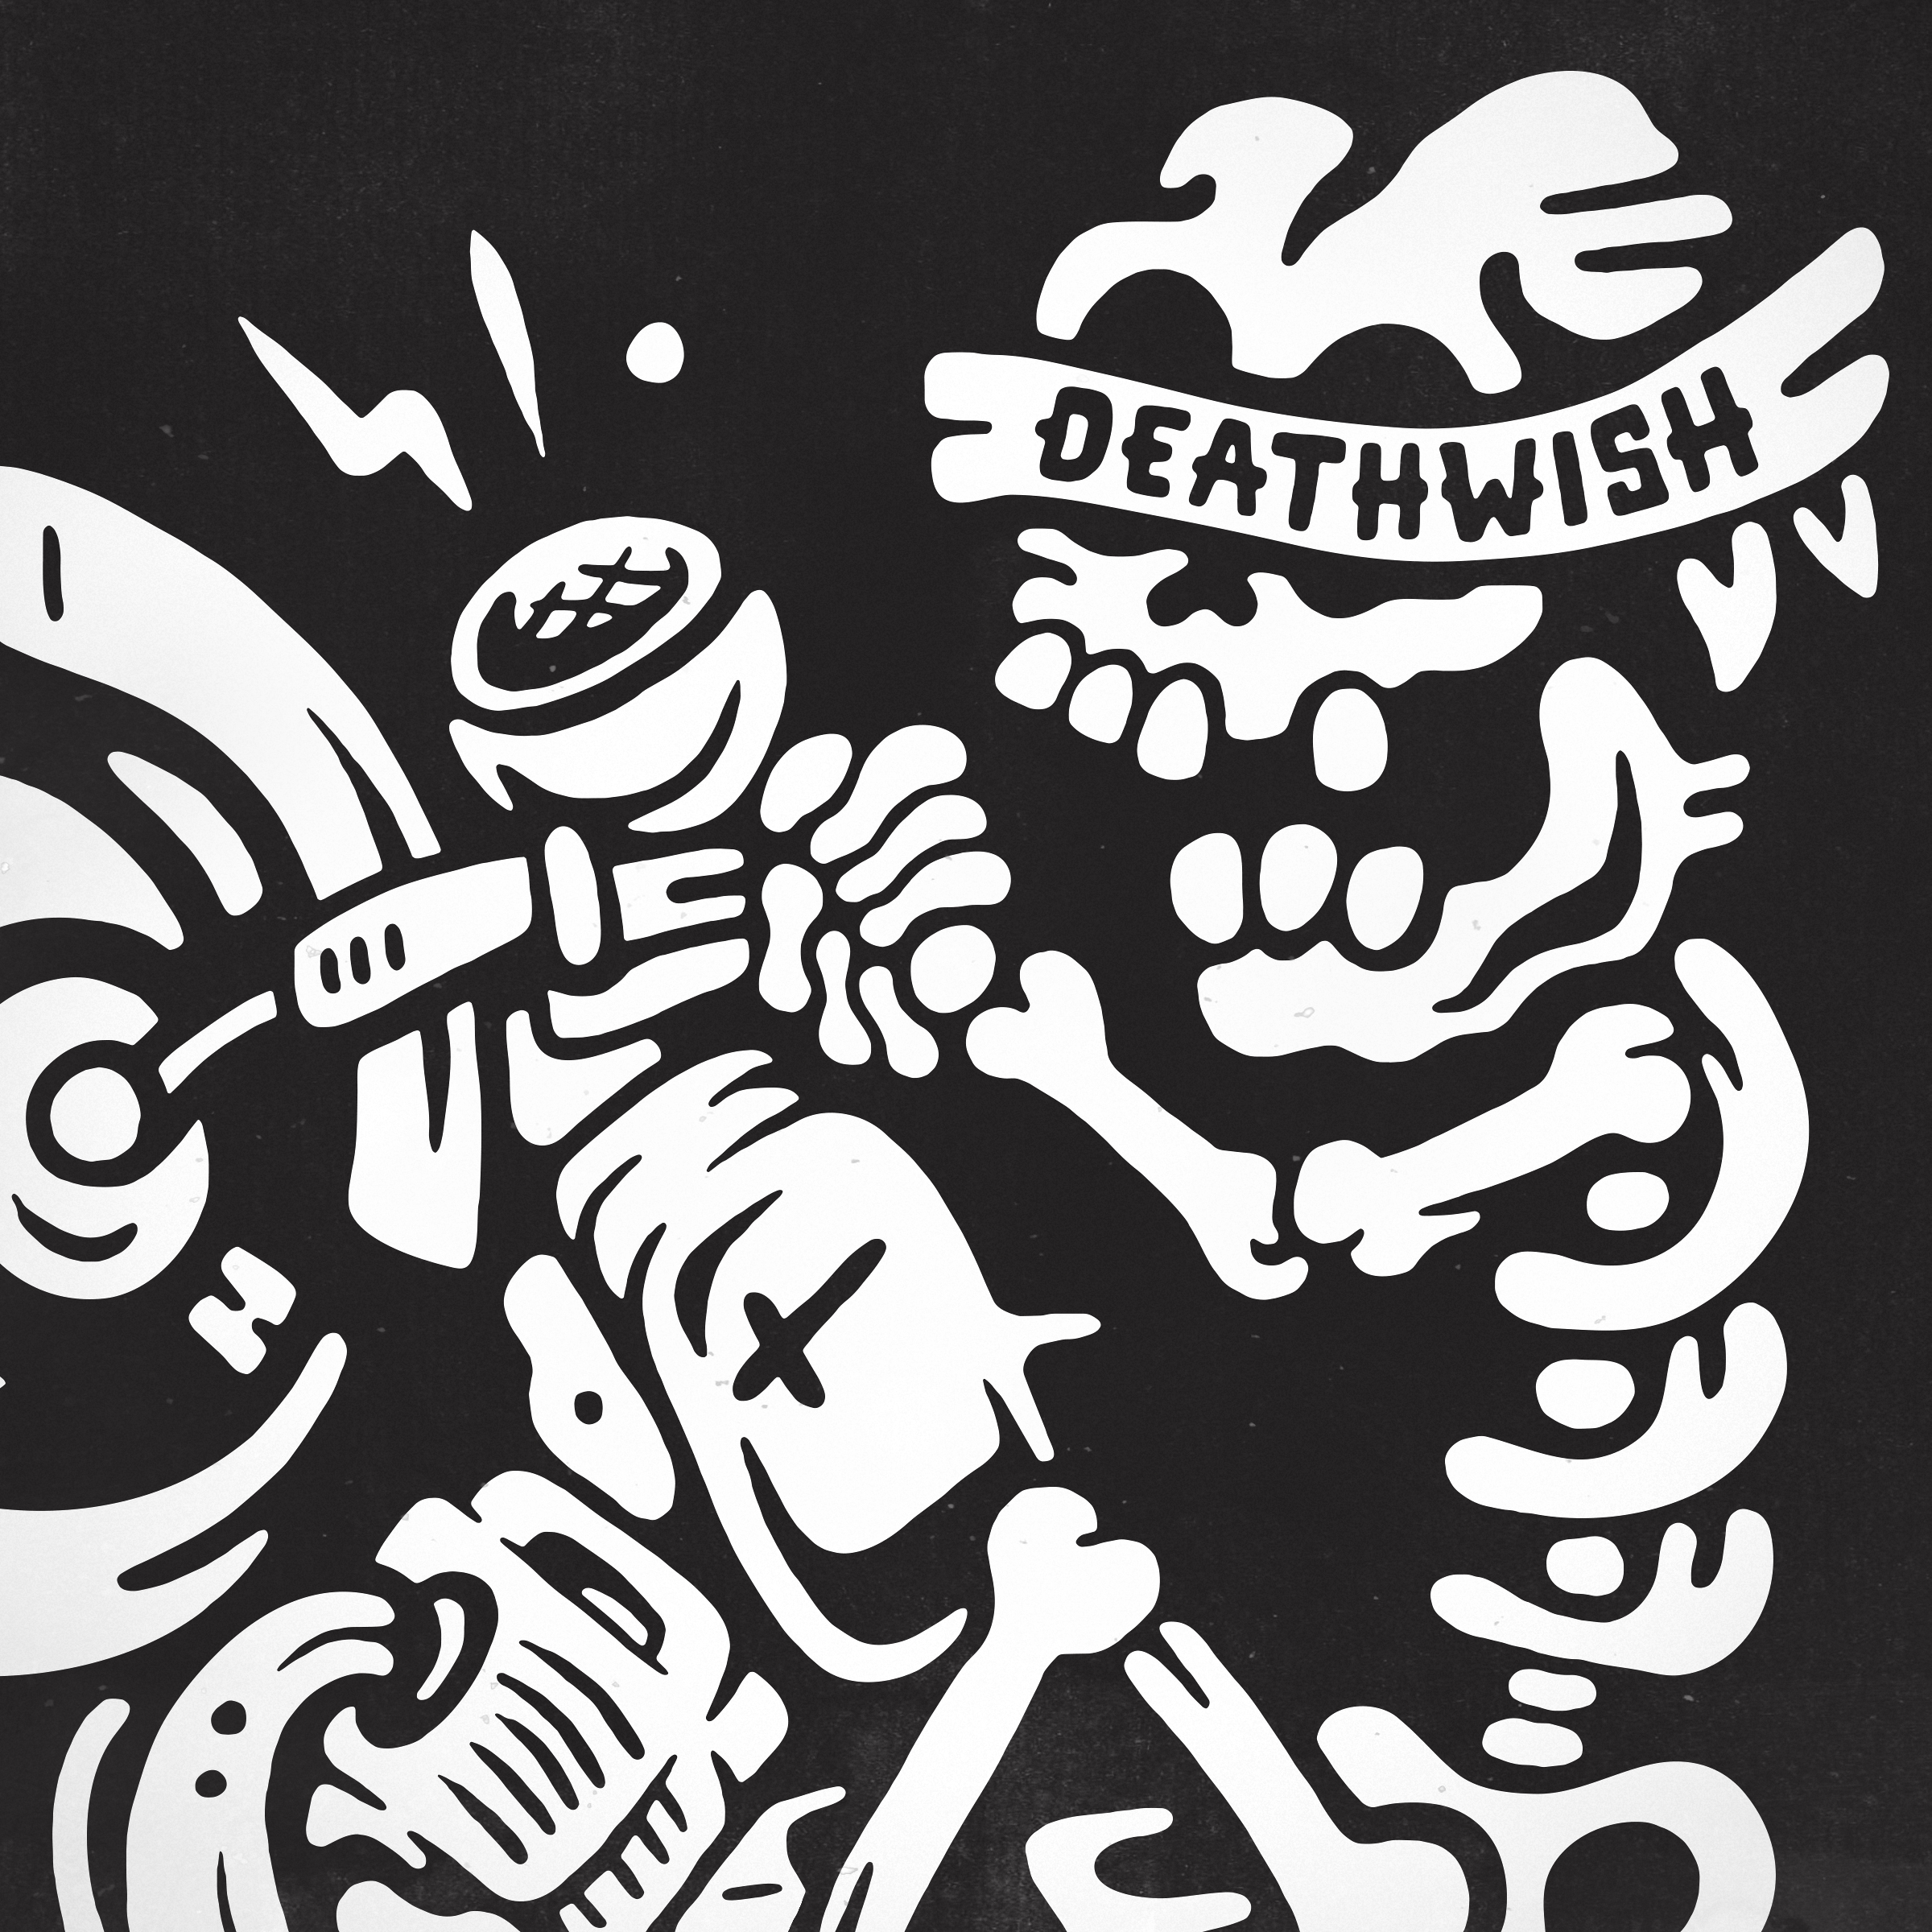 DEATHWISH [INSTA].jpg